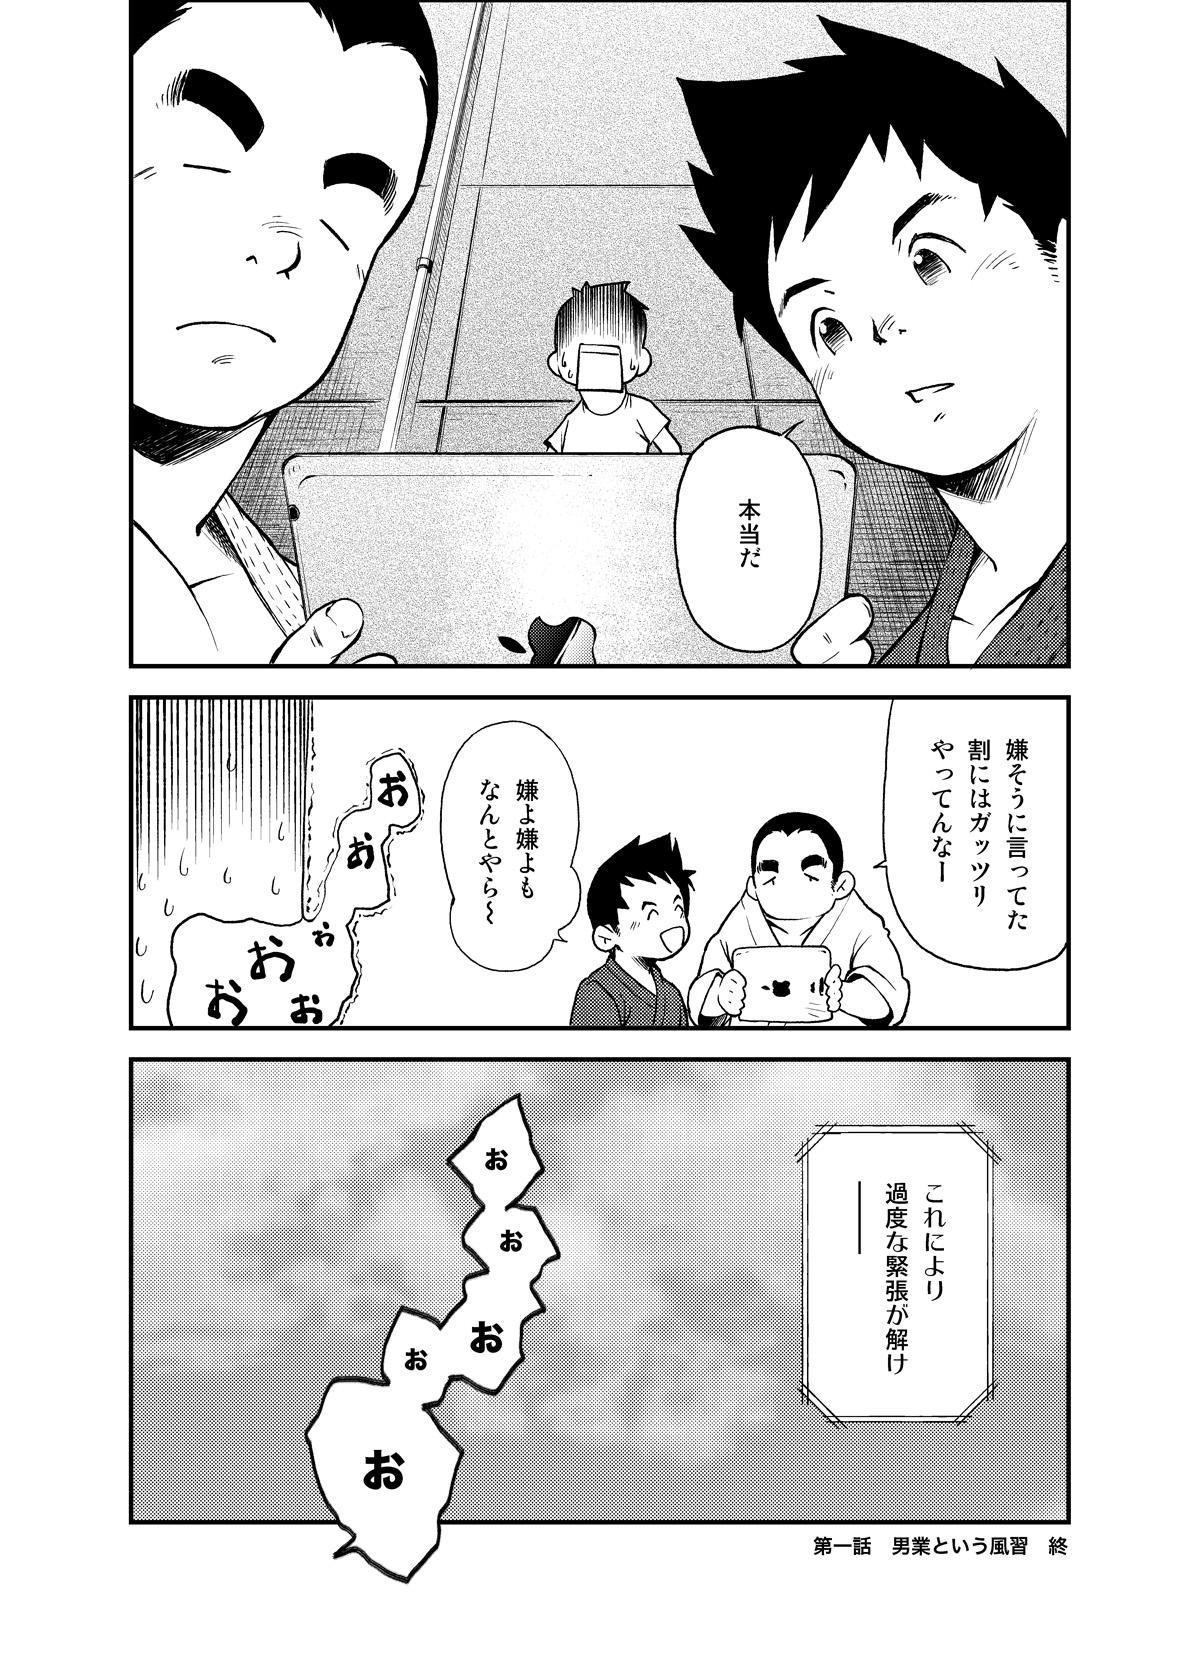 Tadashii Danshi no Kyouren Hou 25